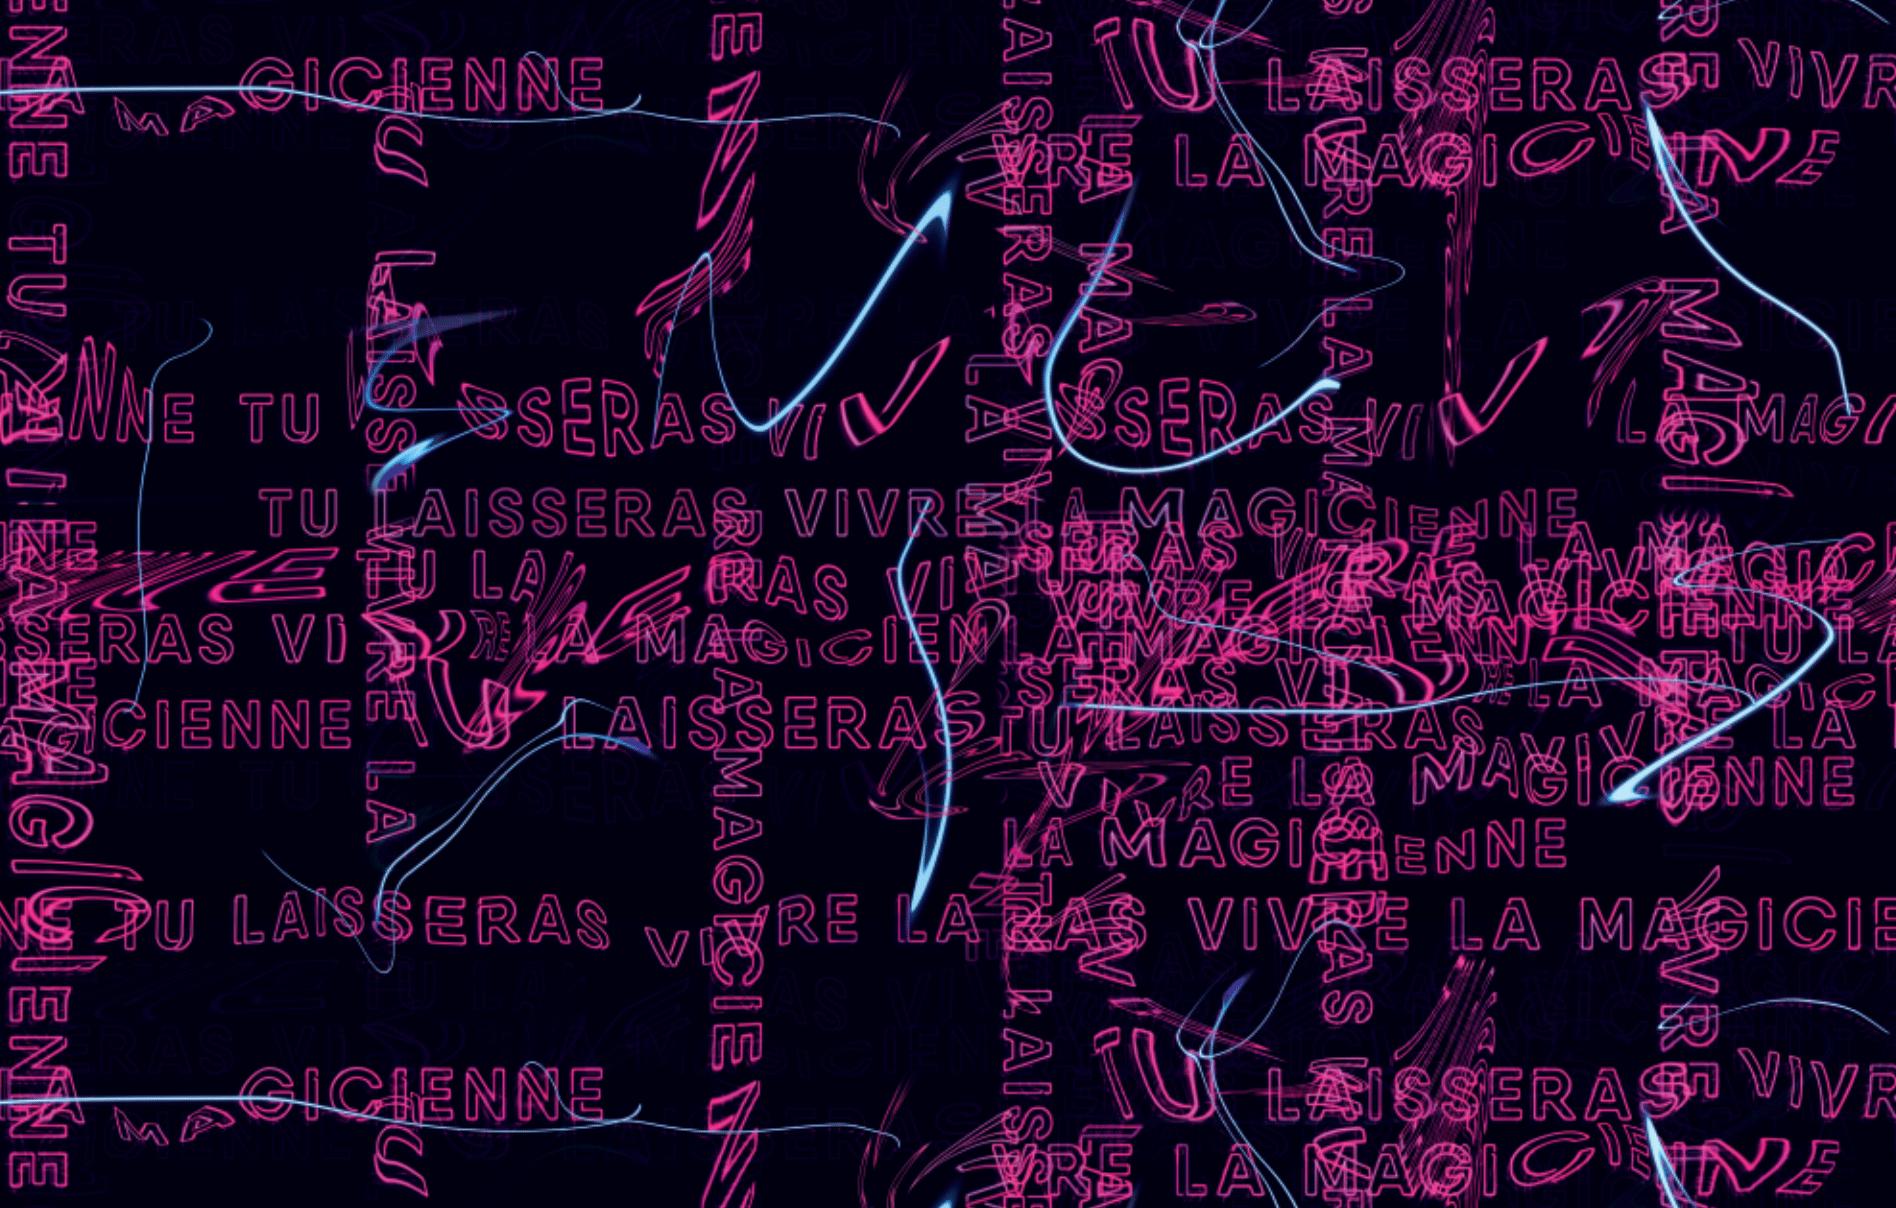 « Magicienne » - Motif créé pour la collection Ciné New Wave de W!TCHES, à partir du slogan « Tu laisseras vivre la magicienne. ». Une typographie en néon avec un effet vertigineux.  Ce motif a été imprimé sur les doublures.